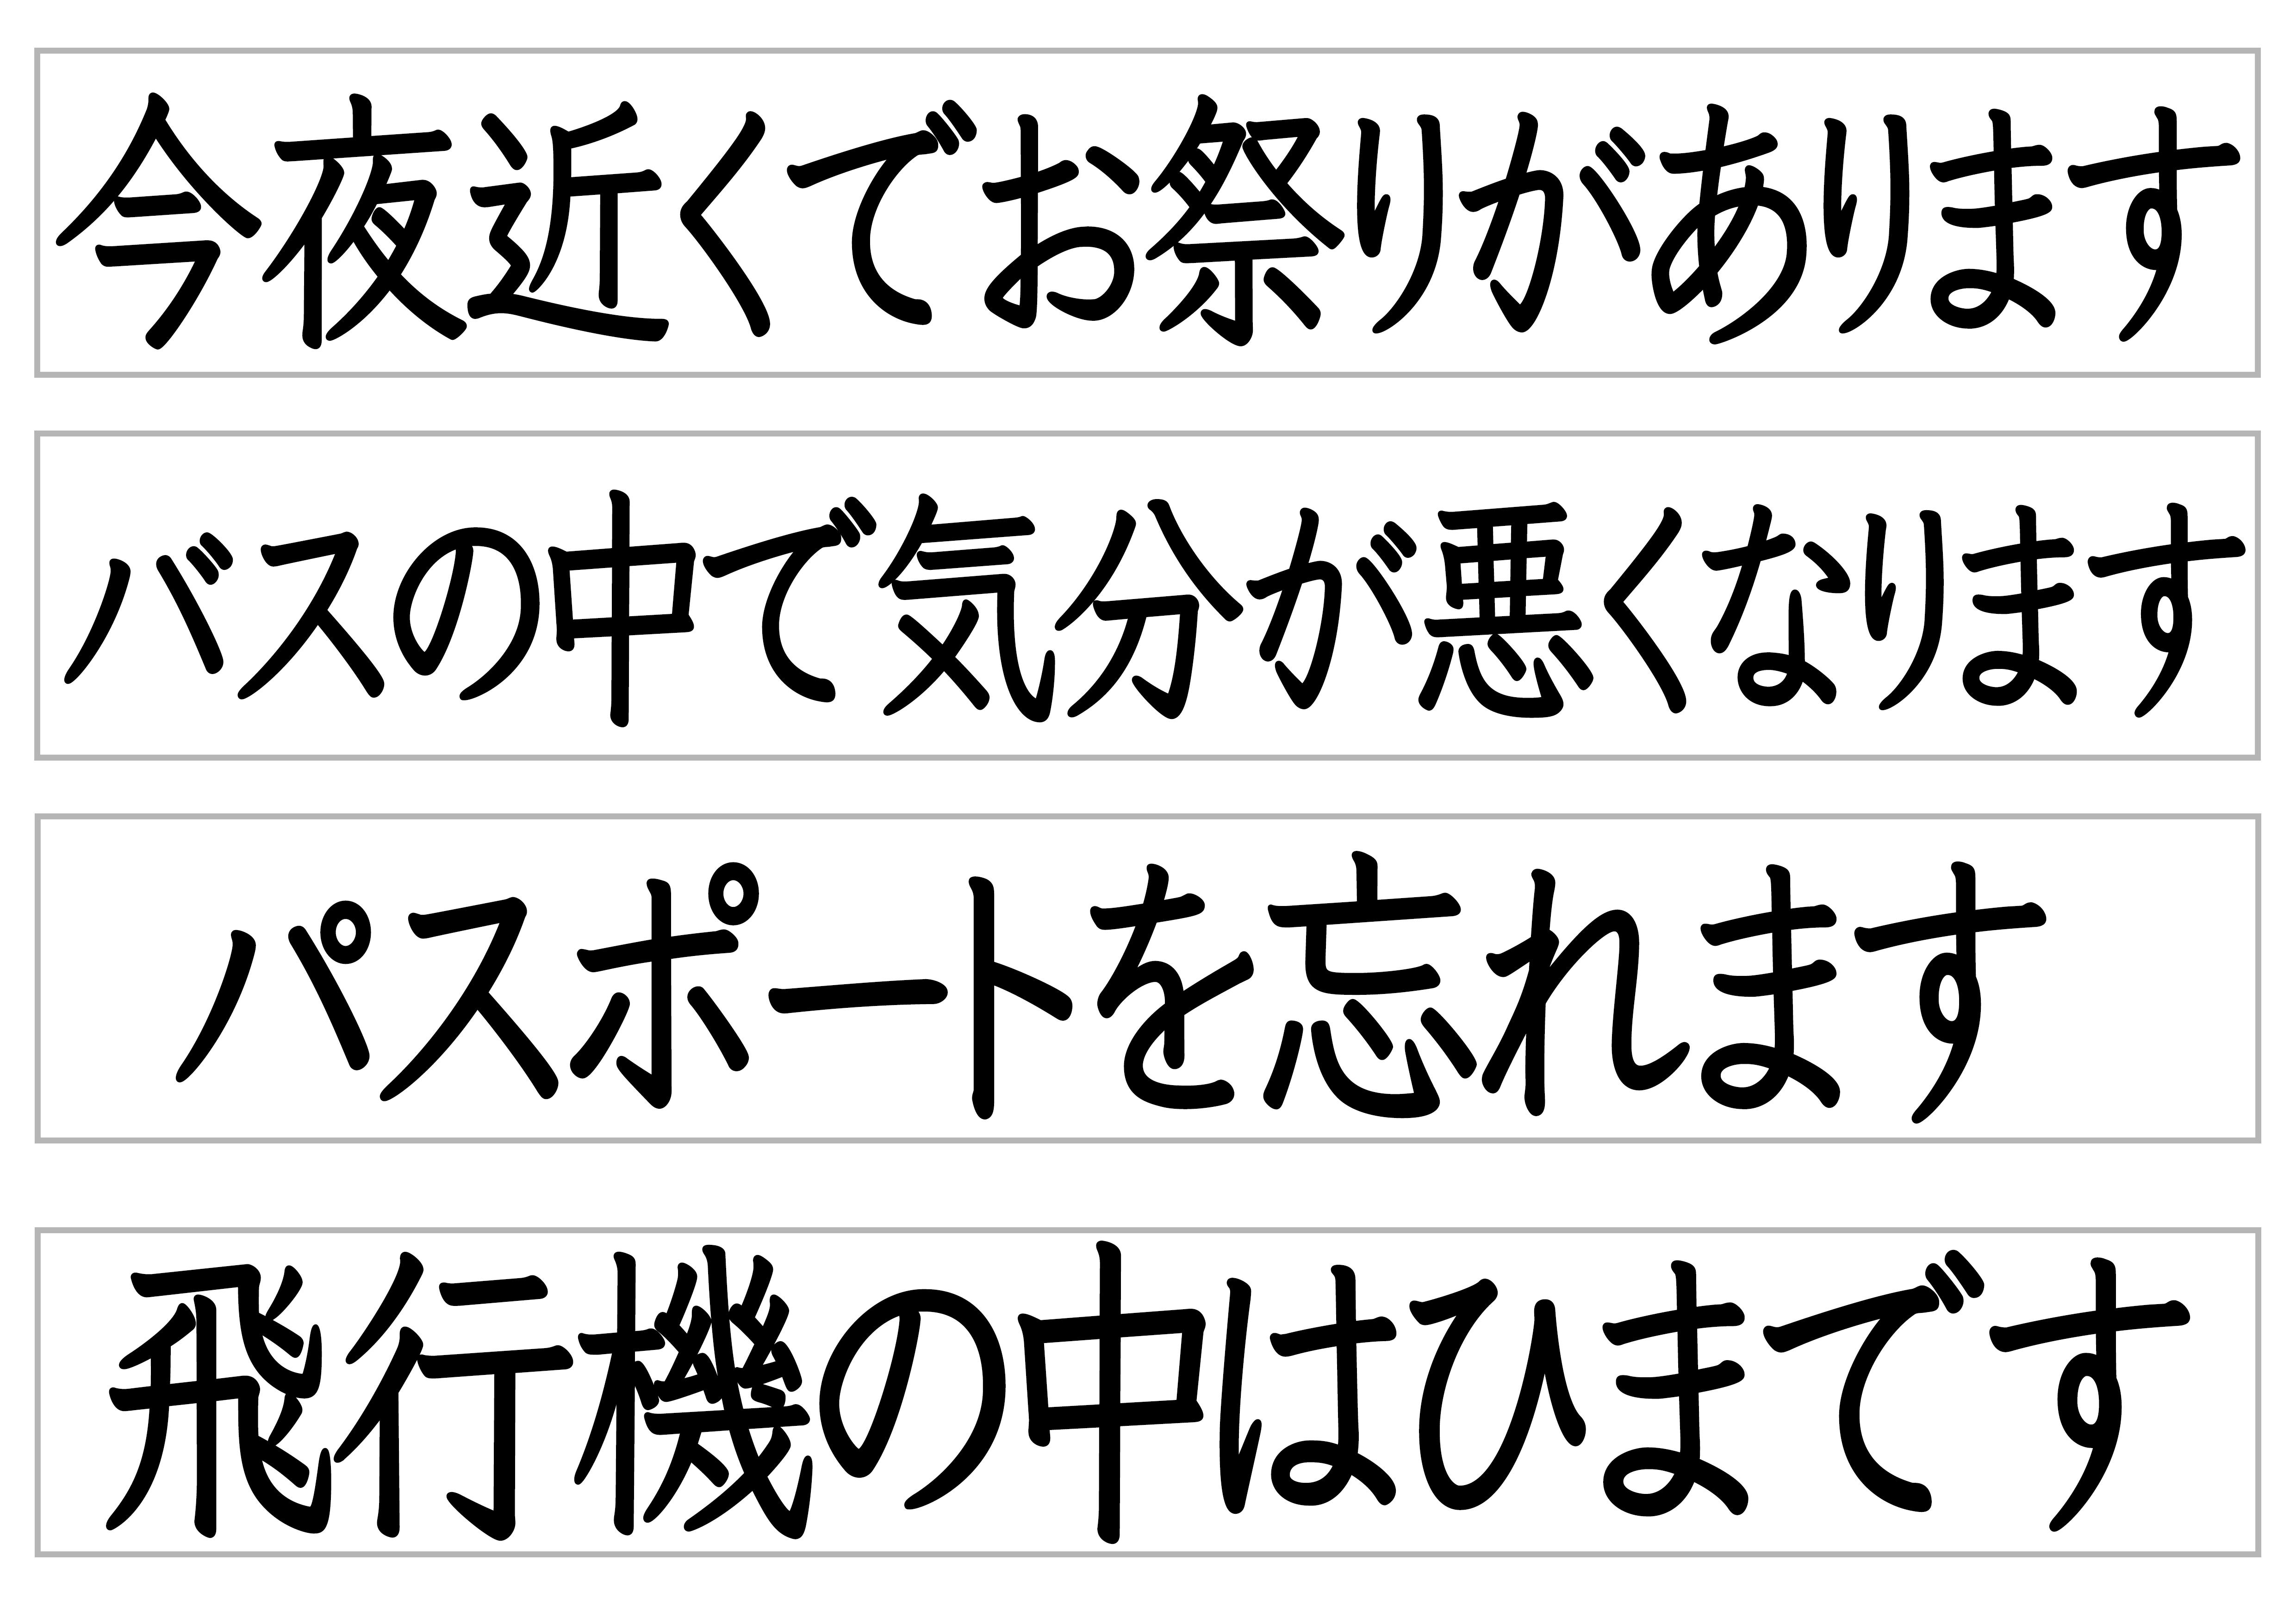 32課文字カード【かもしれませんから〜】